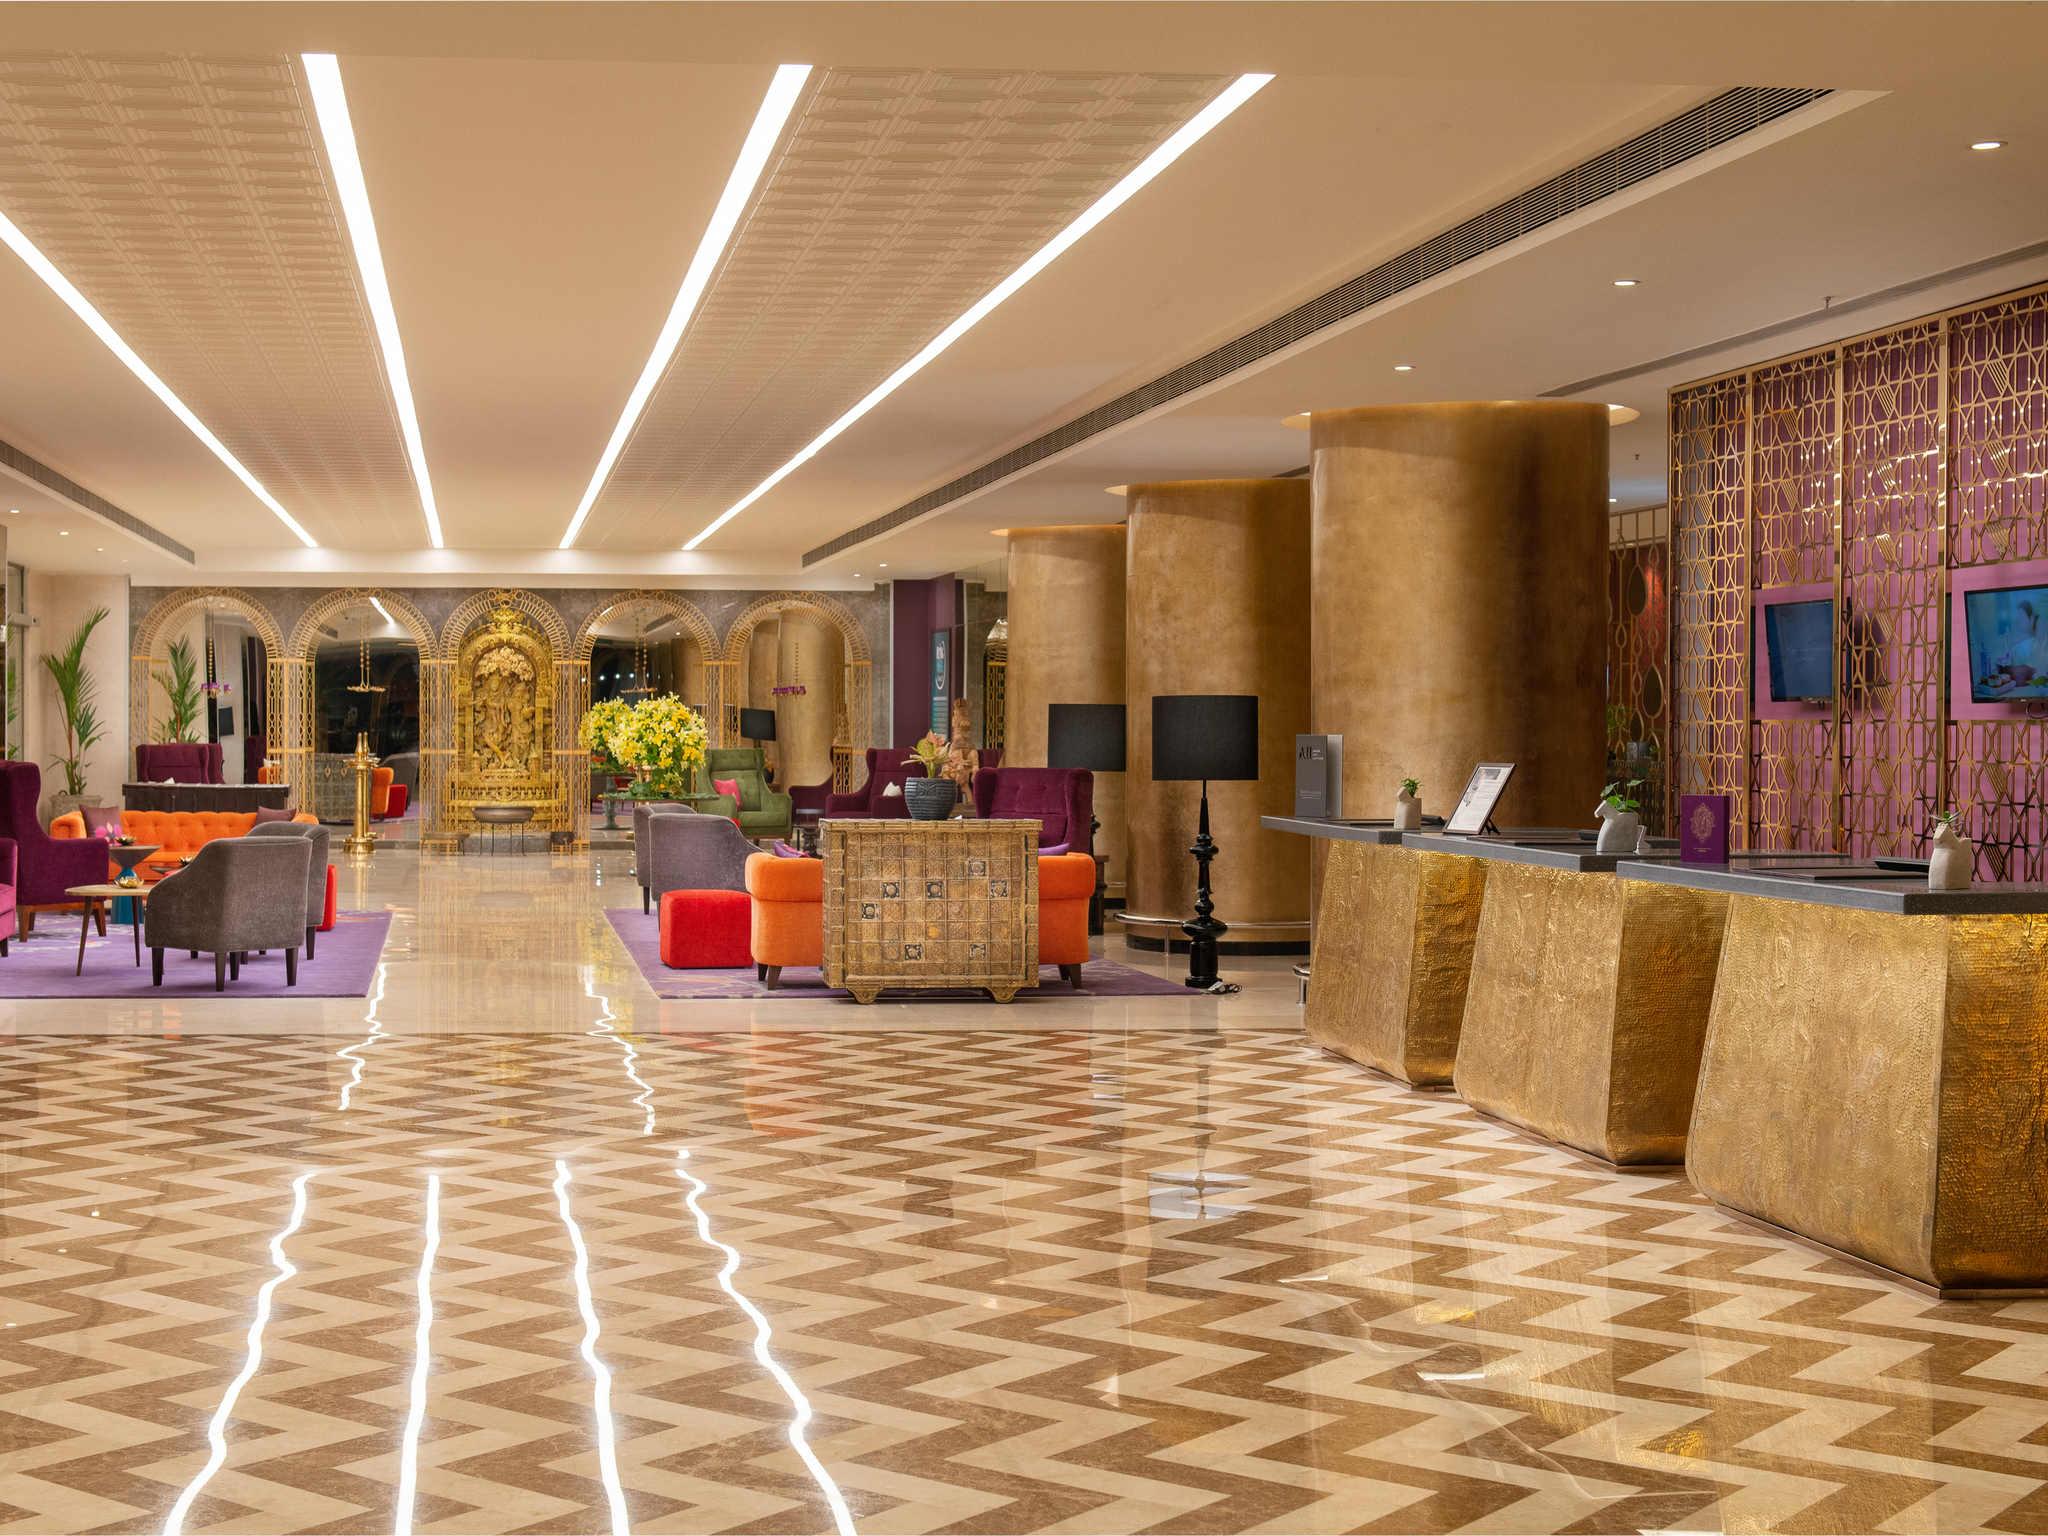 Отель — Grand Mercure Бангалор в ТЦ Gopalan (открытие в январе 2019 г.)